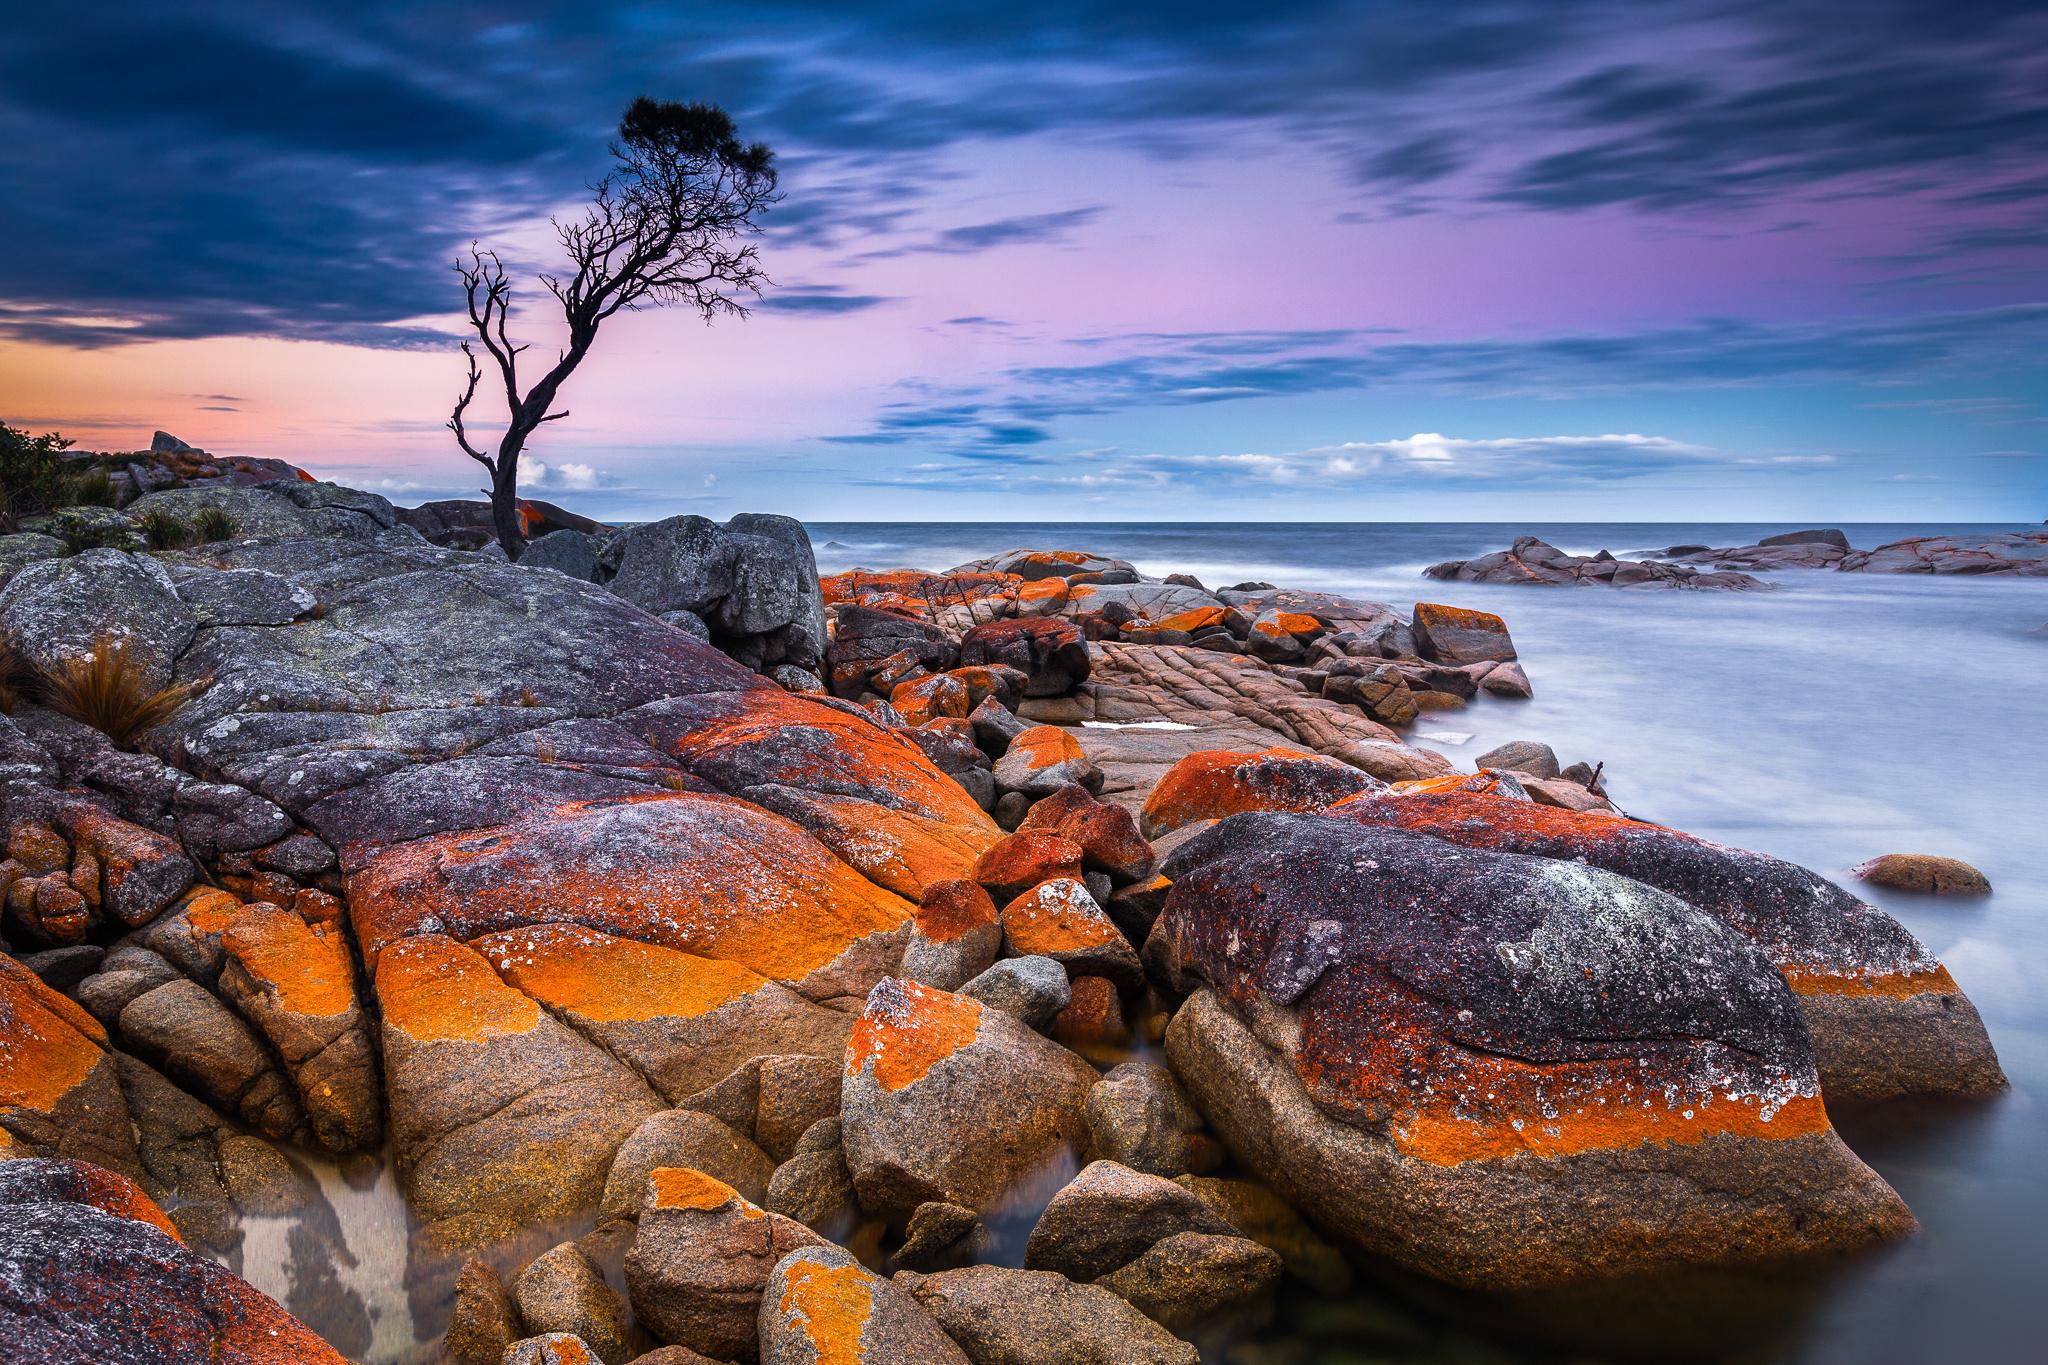 природа море деревья камни скалы  № 38470 загрузить